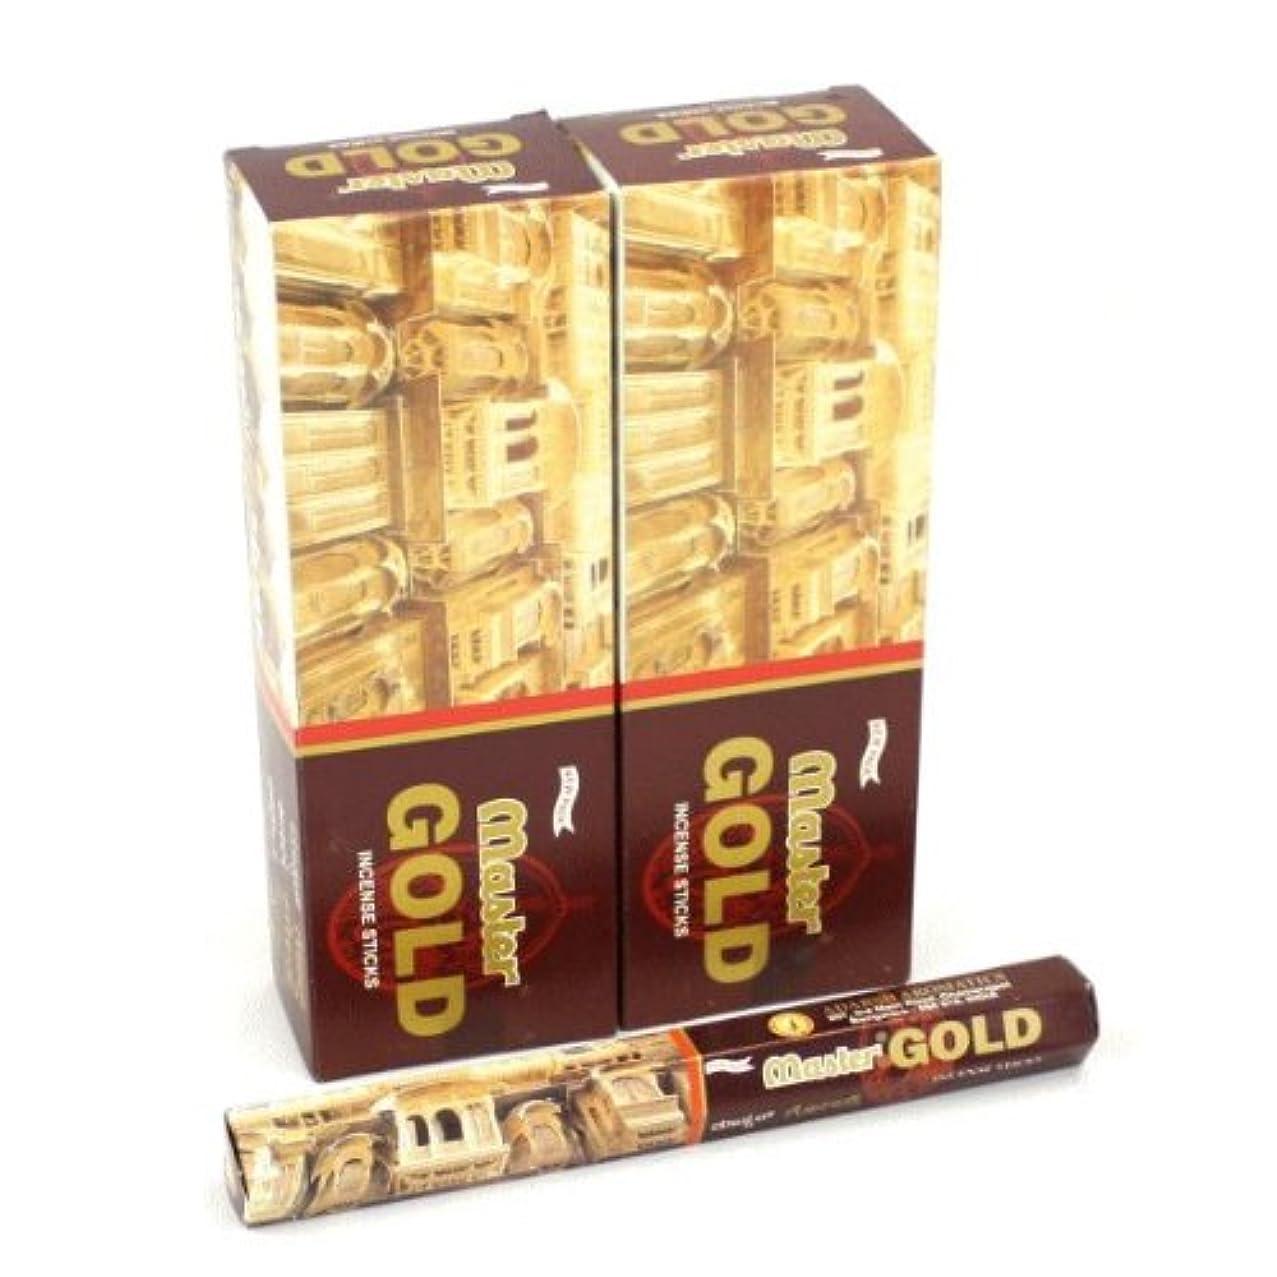 偶然のマウントバンクハントADARSH マスターゴールド香 スティック ヘキサパック(六角) 12箱セット MASTER GOLD